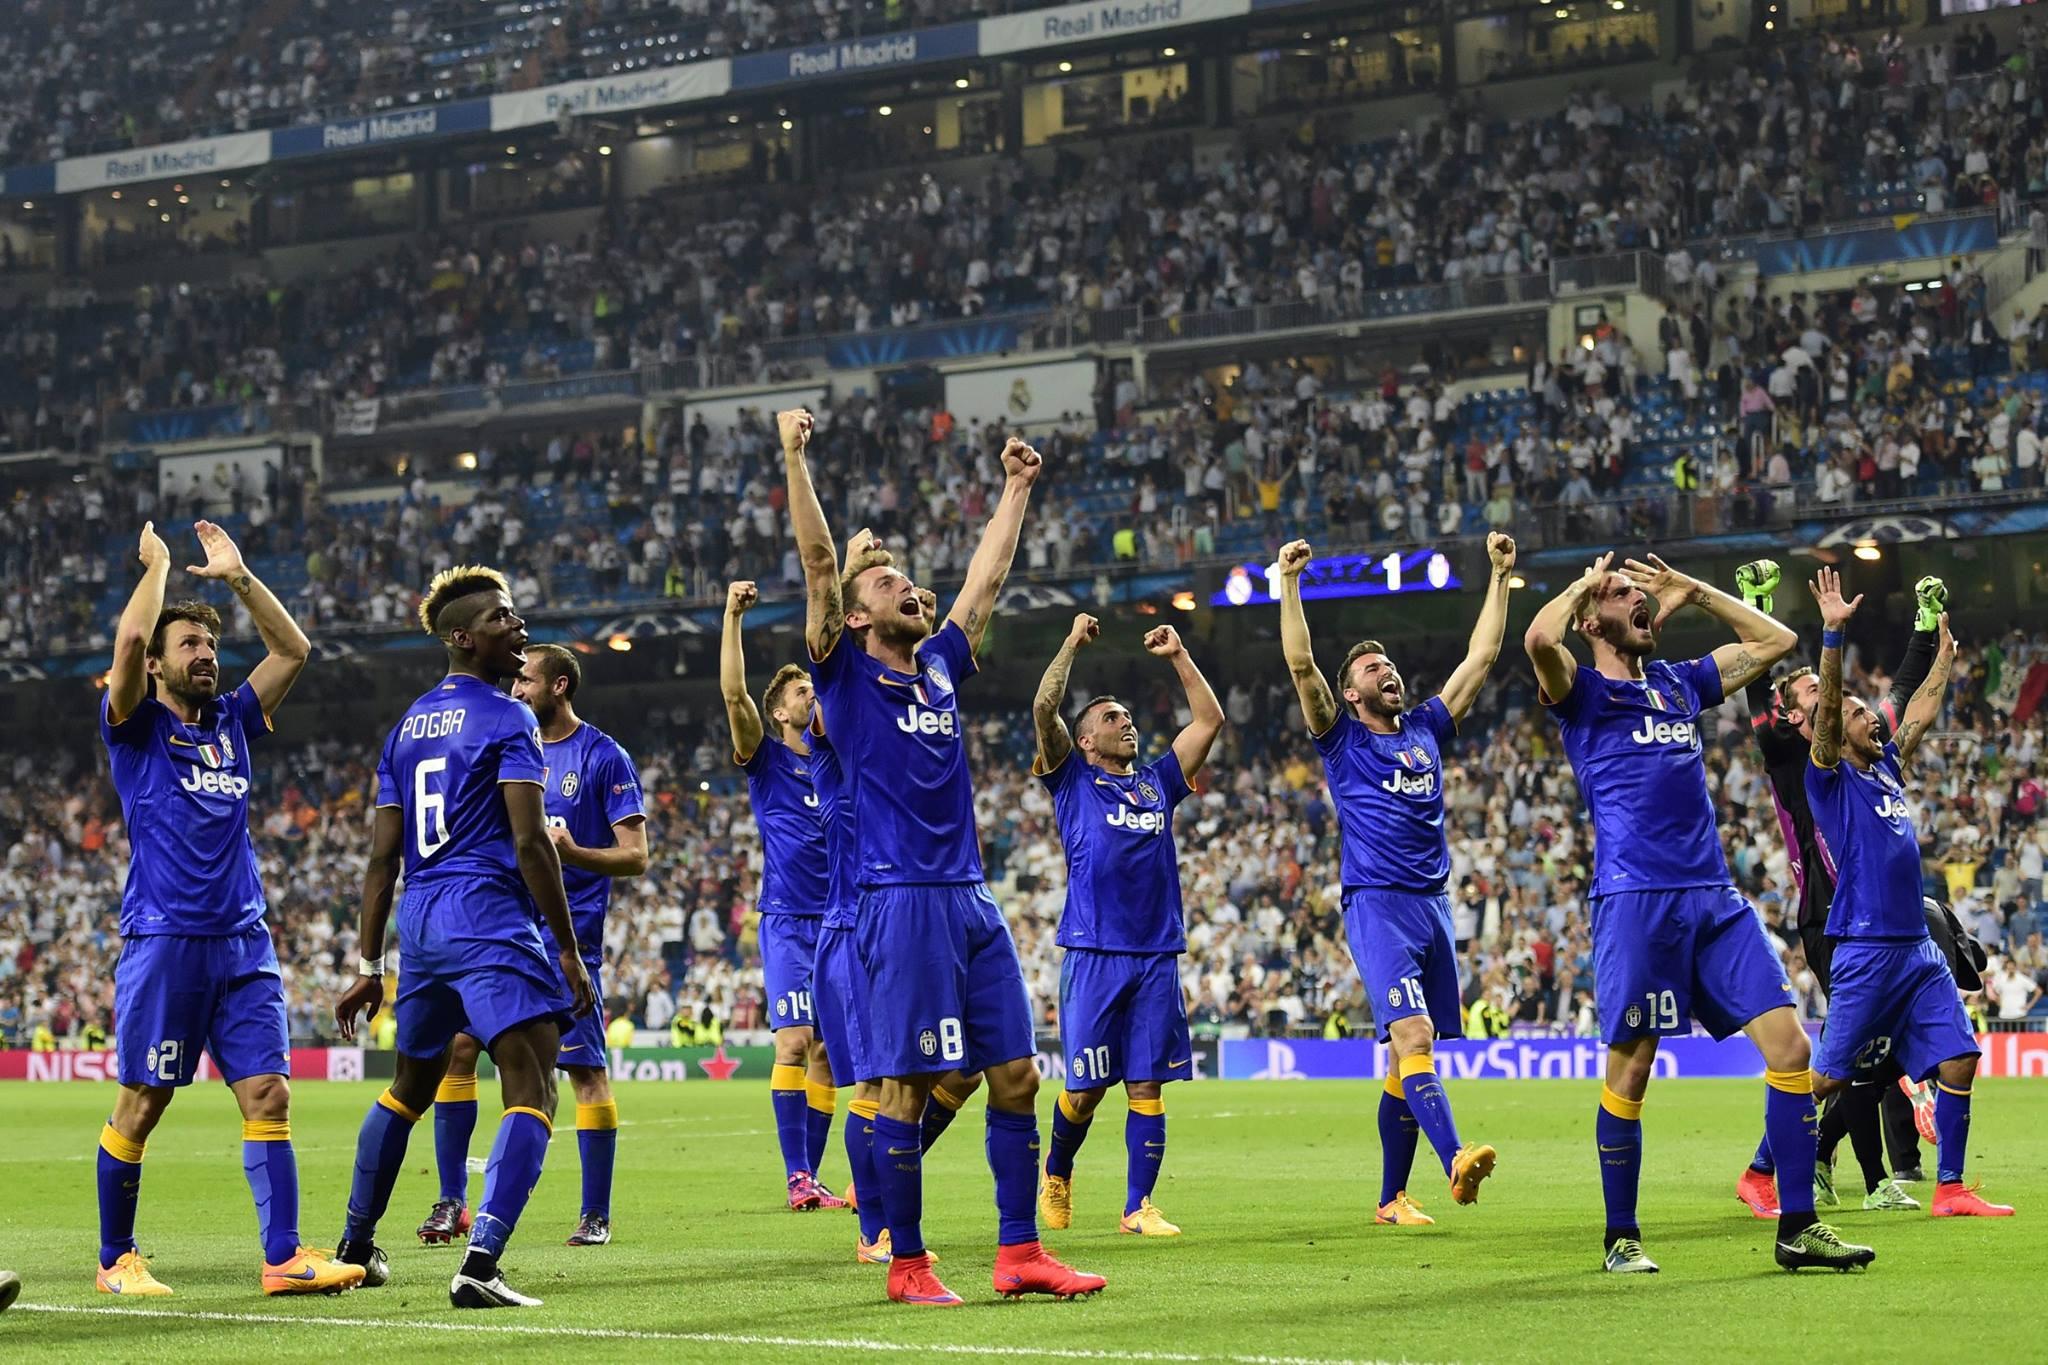 """Com um time """"modesto"""" em relação aos rivais espanhóis, a Juve chega a decisão. FOTO: UEFA"""